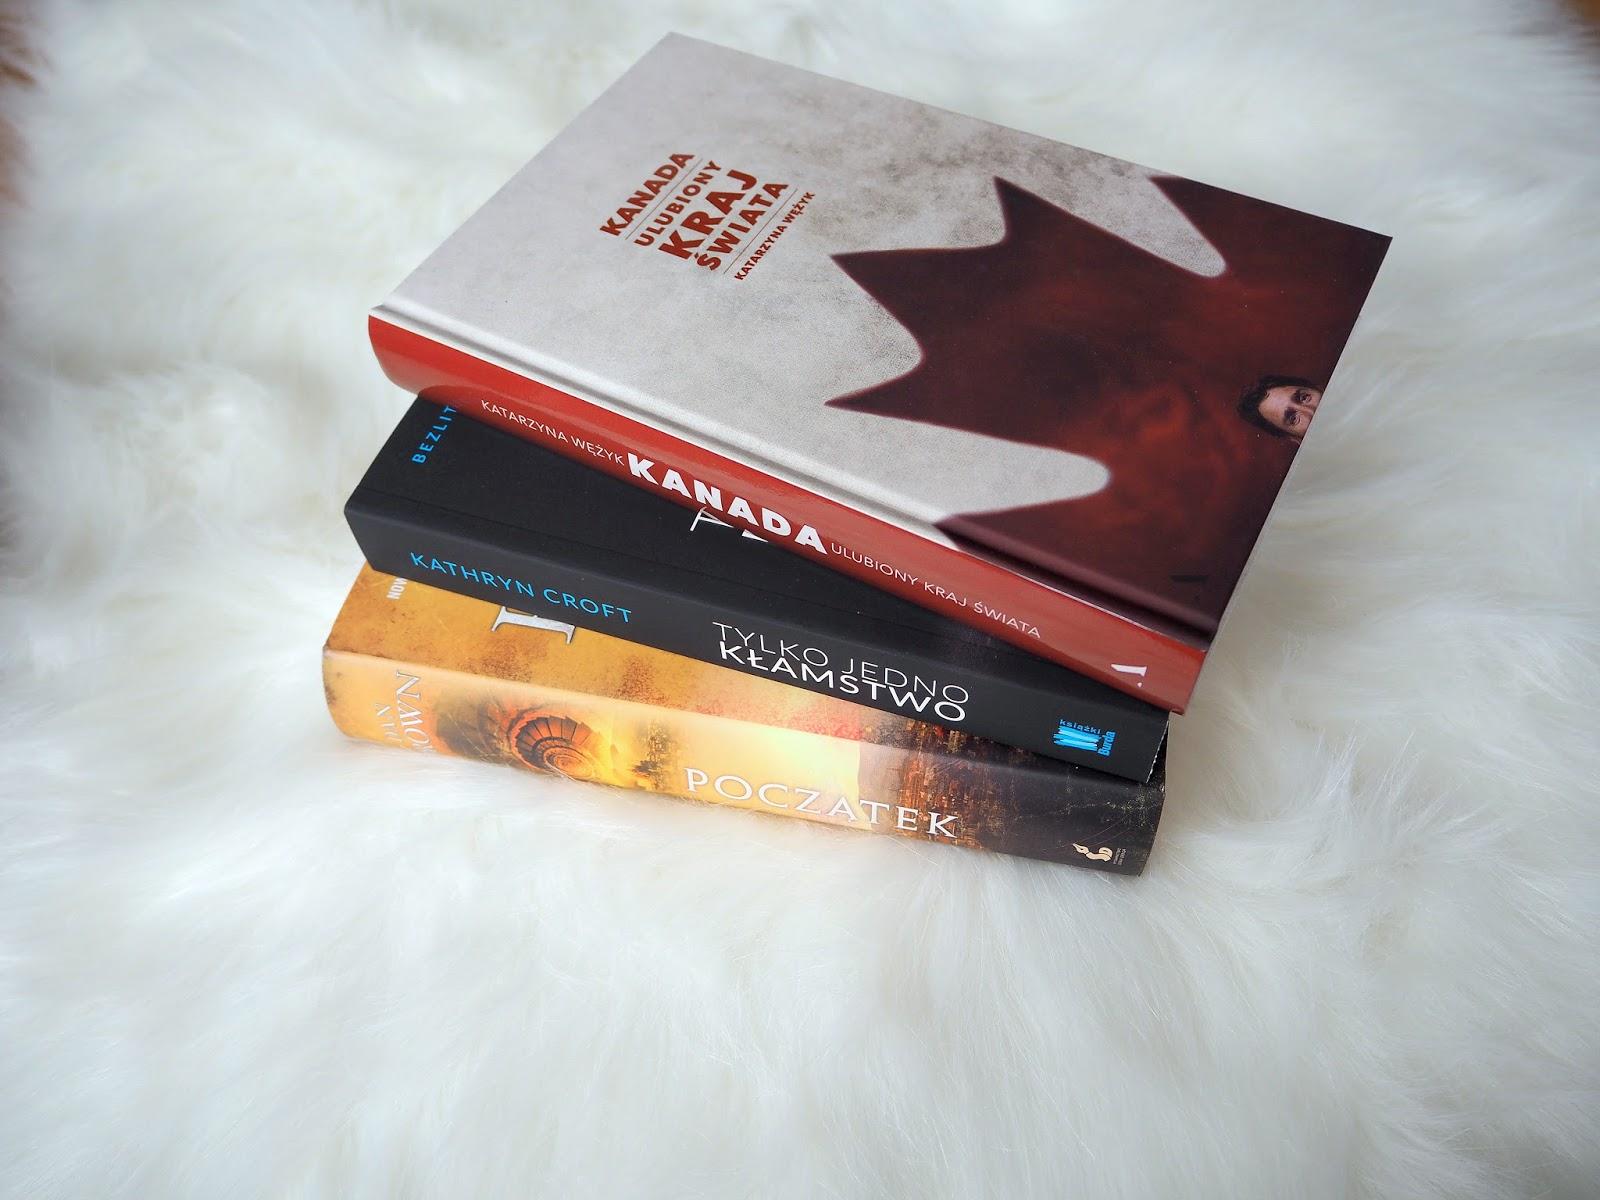 Książki, które warto przeczytać: Początek & Kanada. Ulubiony kraj świata & Tylko jedno kłamstwo